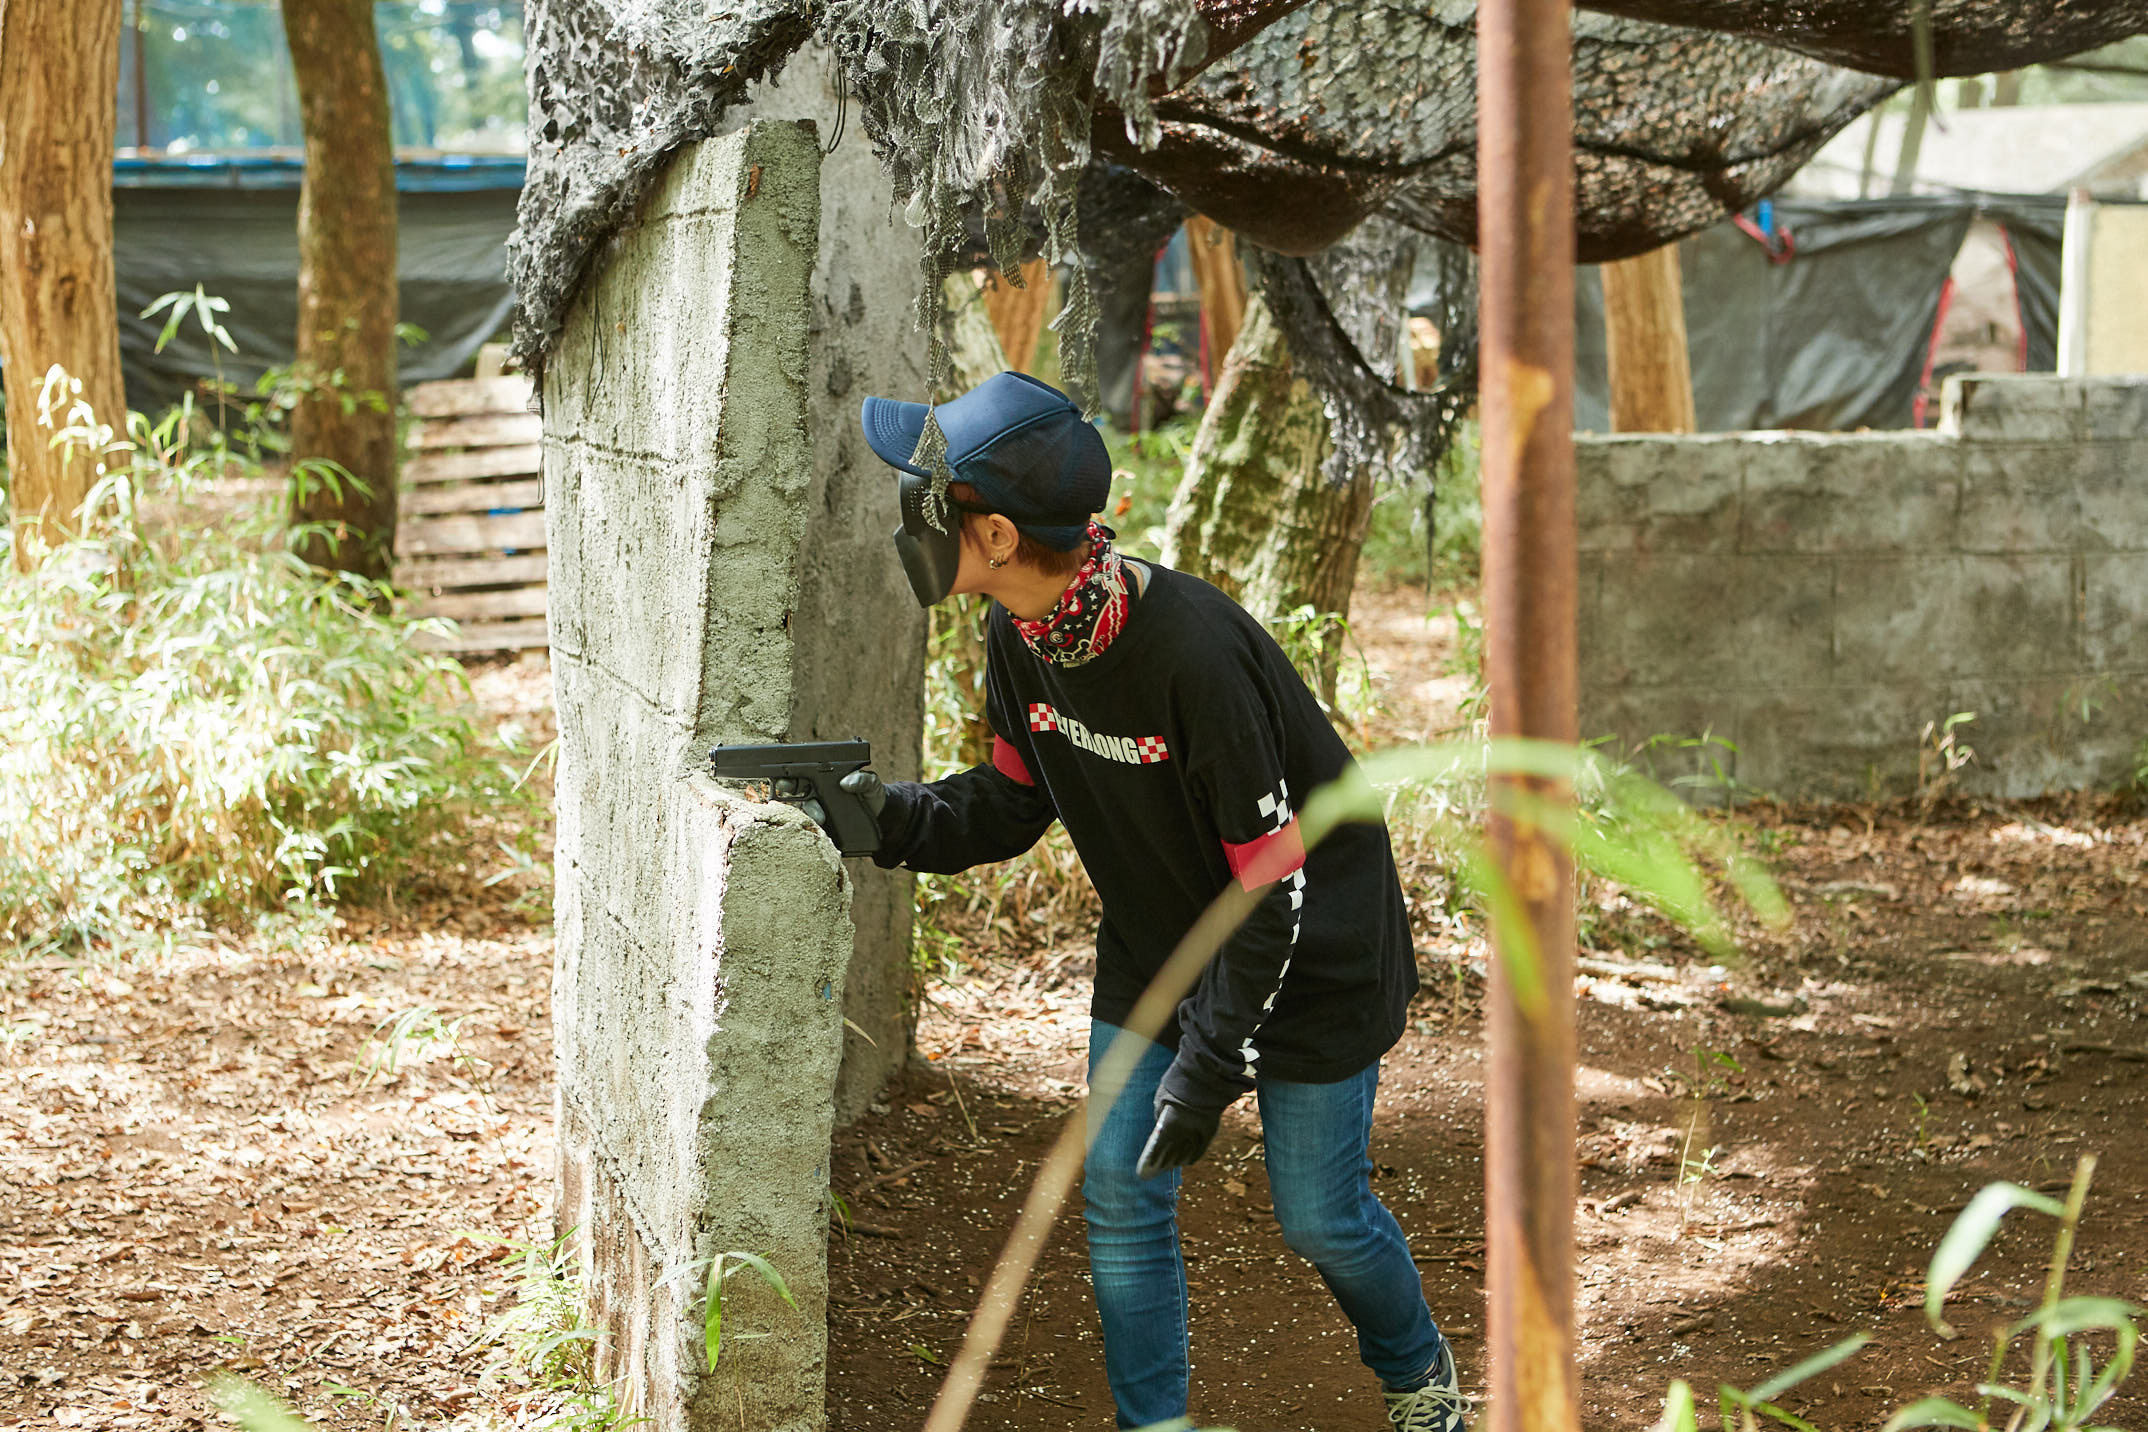 ハンドガンで参加する女性